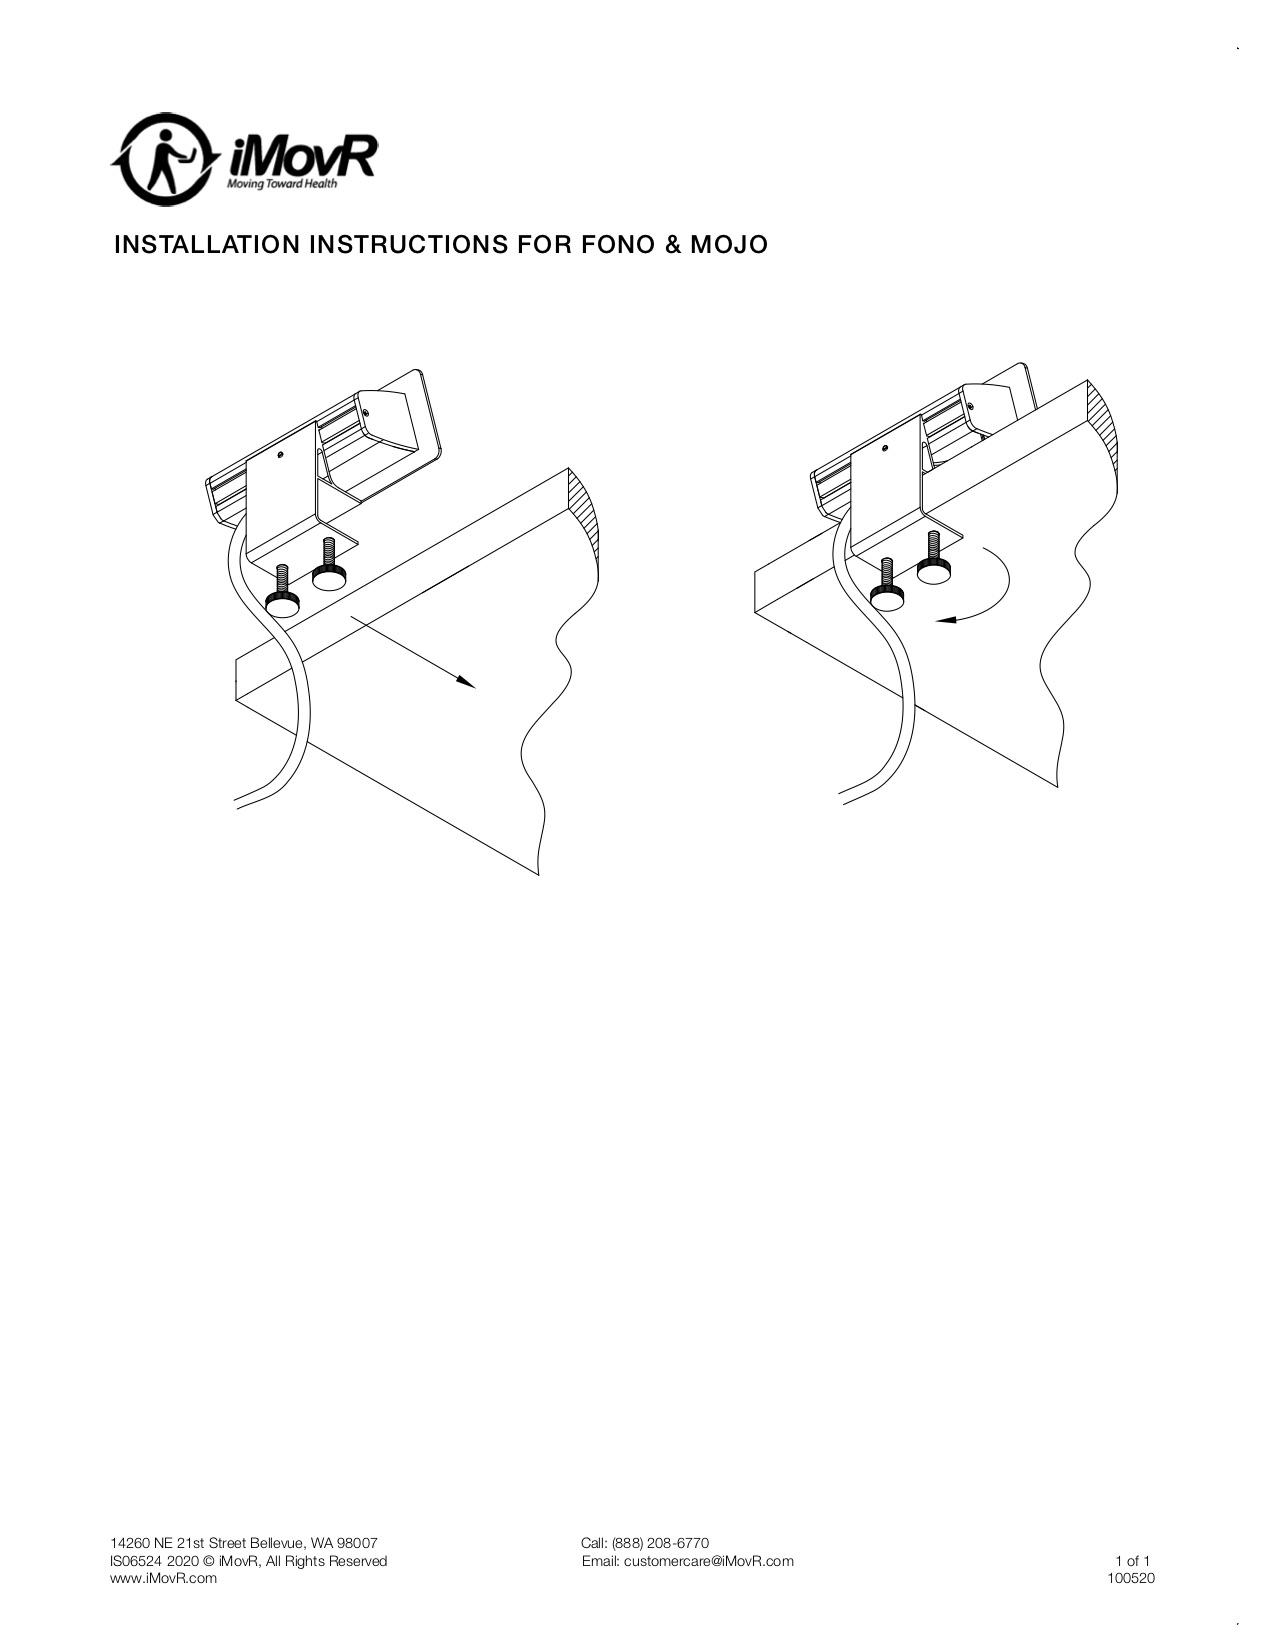 Fono Instillation Instructions